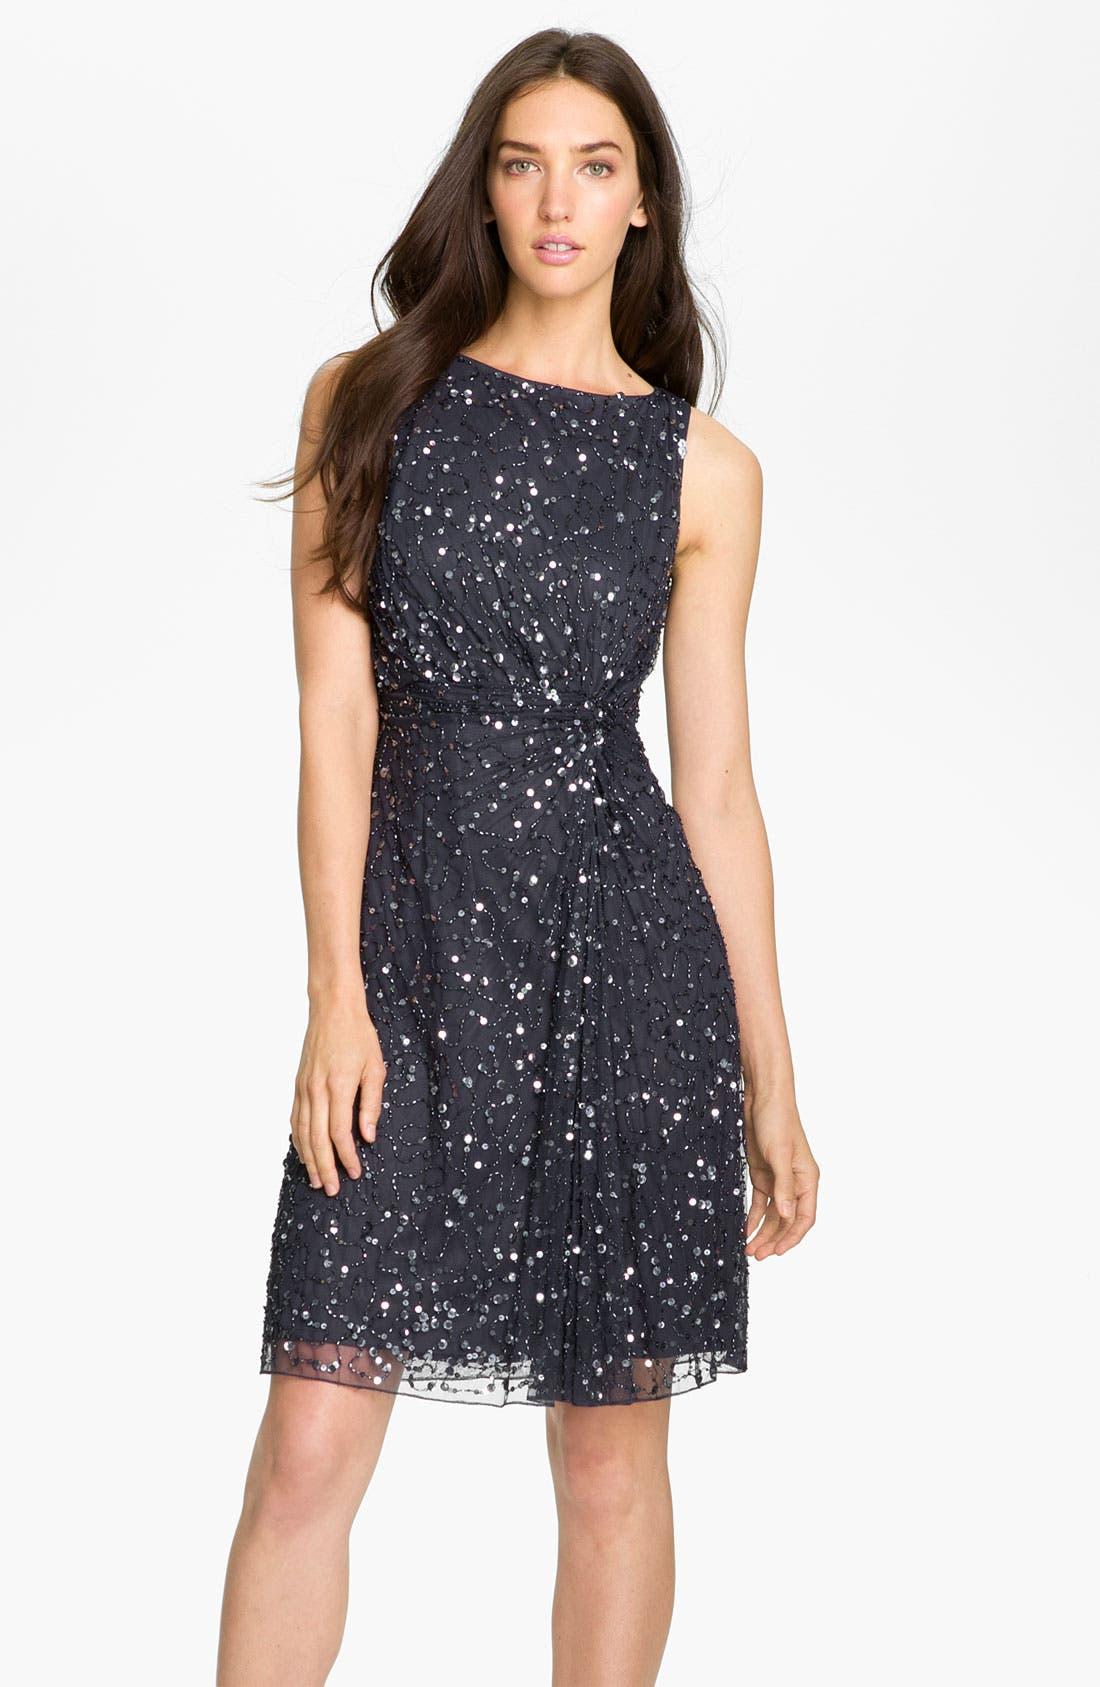 Alternate Image 1 Selected - Patra Embellished Knot Front Mesh Dress